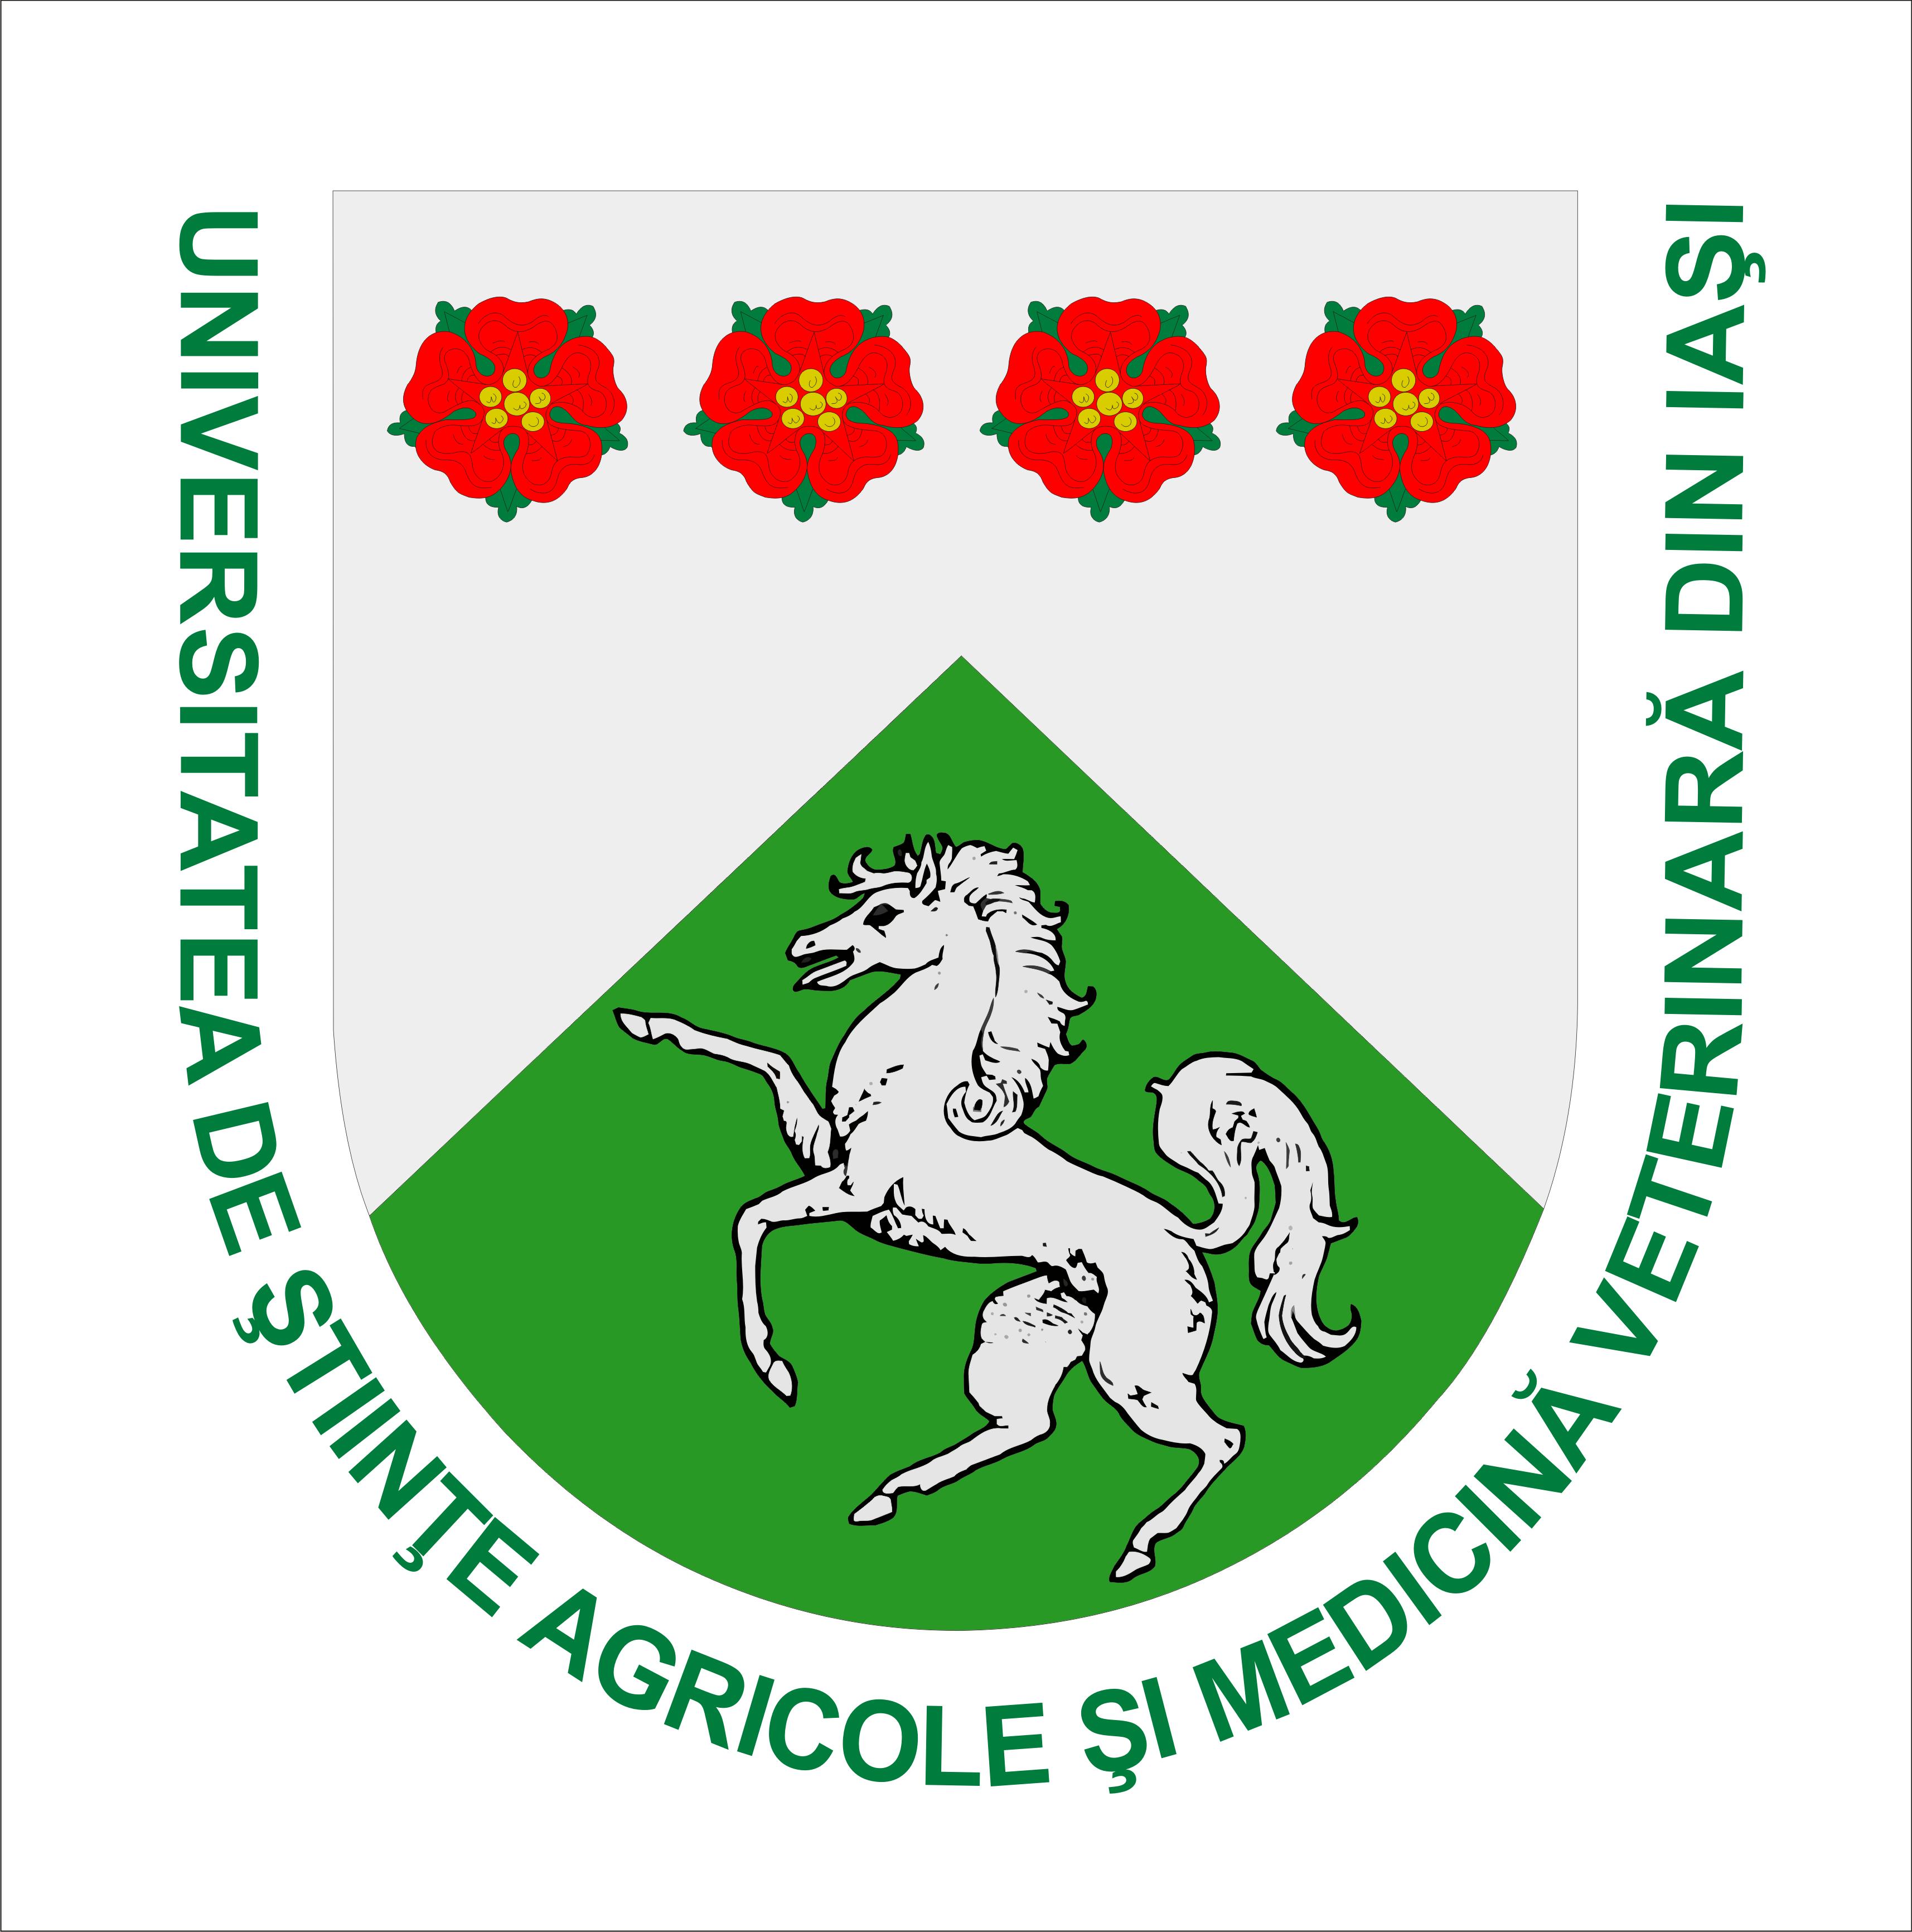 """Universitatea de Științe Agricole și Medicină Veterinară """"Ion Ionescu de la Brad"""" Iași"""